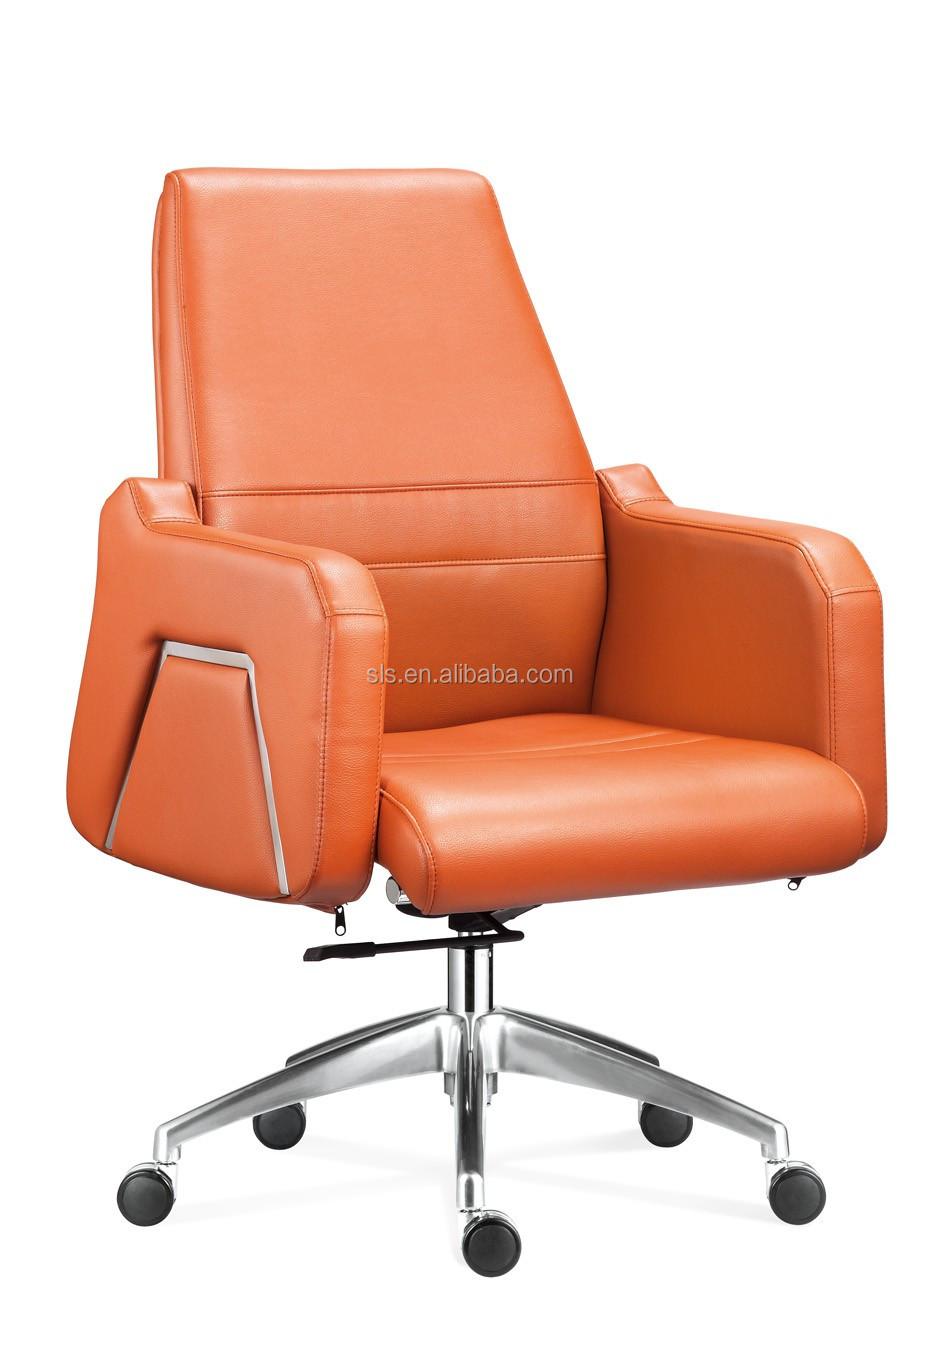 Une petite pute brune baise sur une chaise de bureau